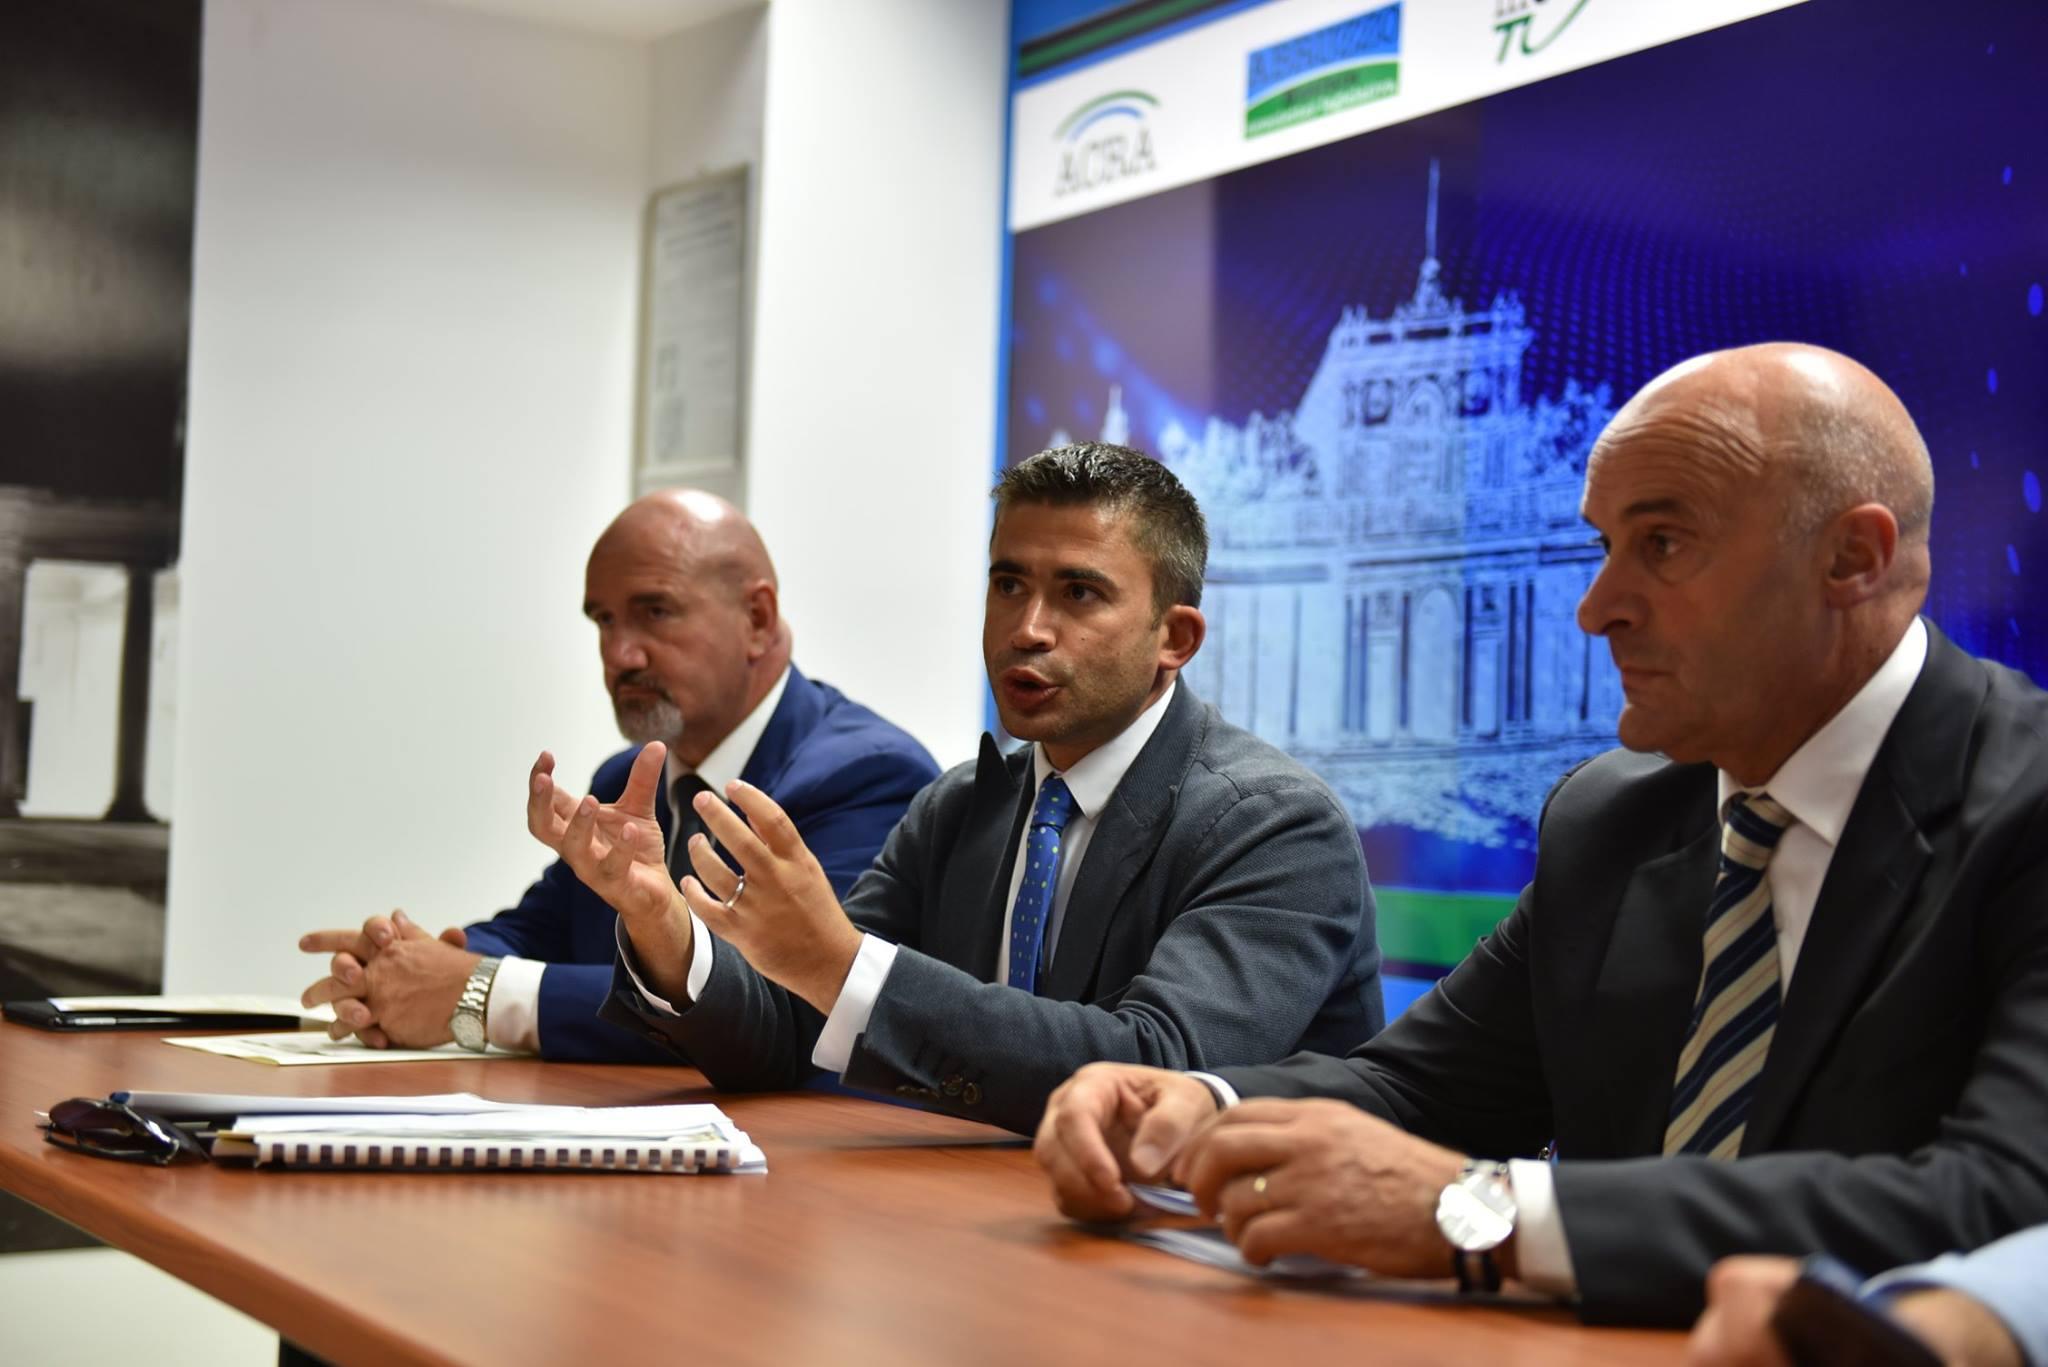 Sanità:Consiglio Abruzzo, maggioranza ko su riorganizzazione